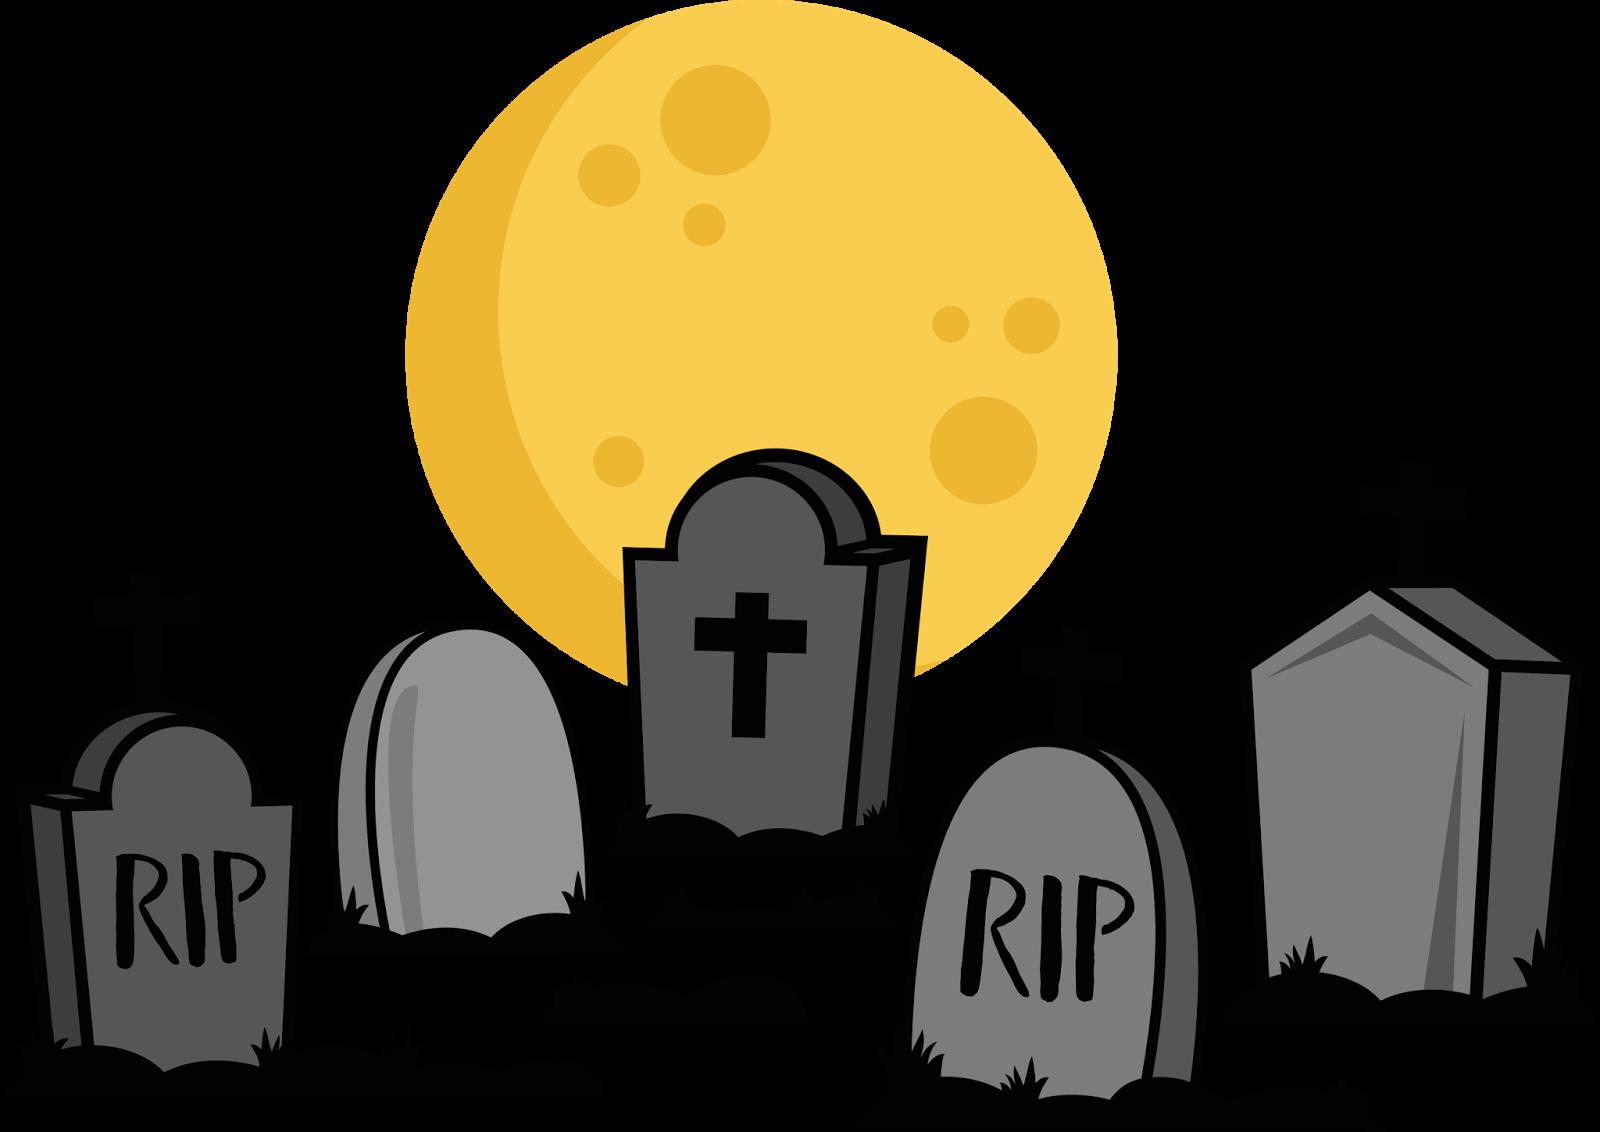 Cemetery clipart vector. Clip art portable network